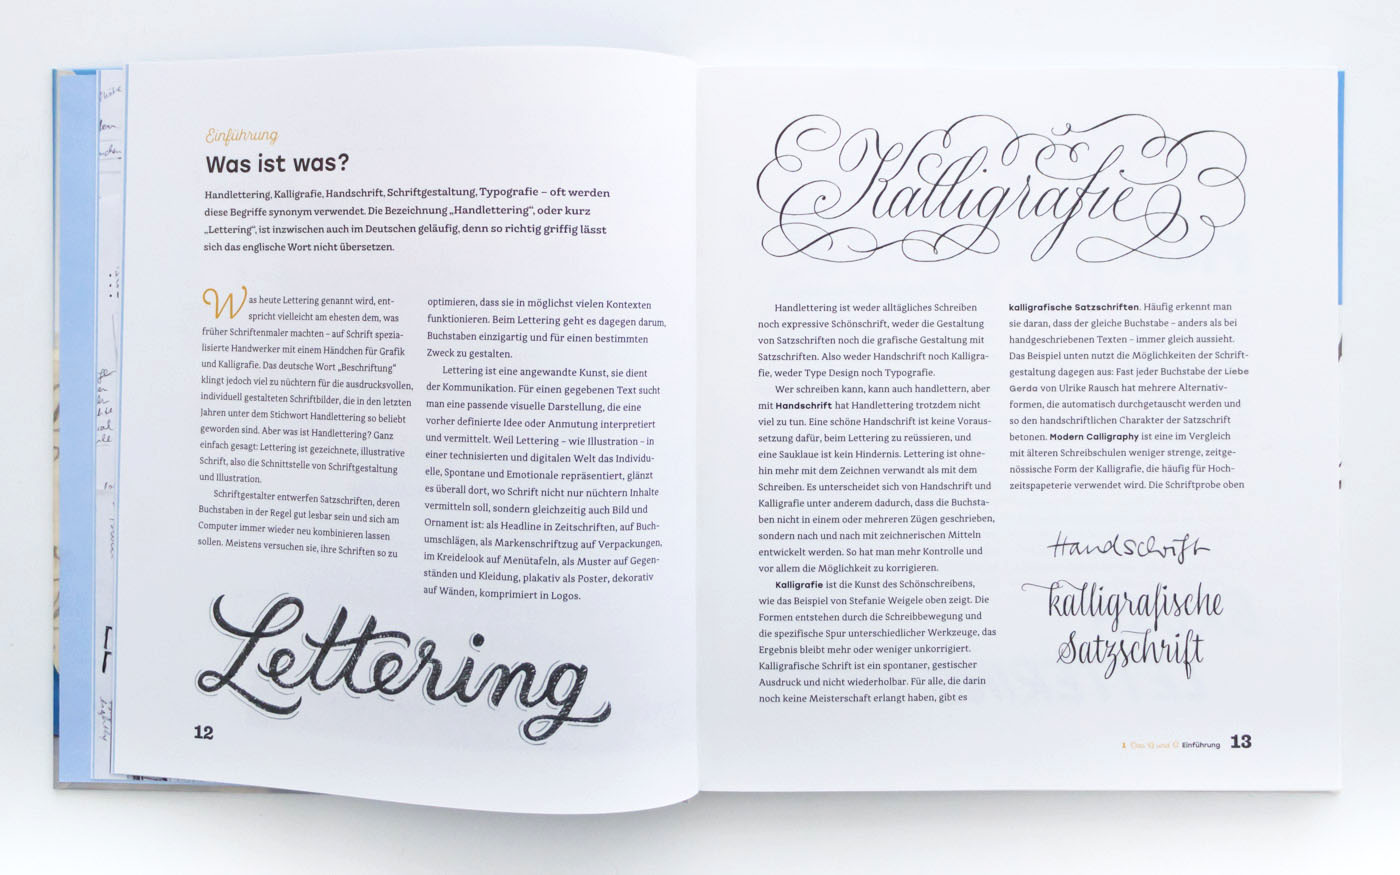 Handbuch Handlettering – Handlettering lernen mit dem Handlettering Buch von Chris Campe, ISBN 978-3-258-60165-6